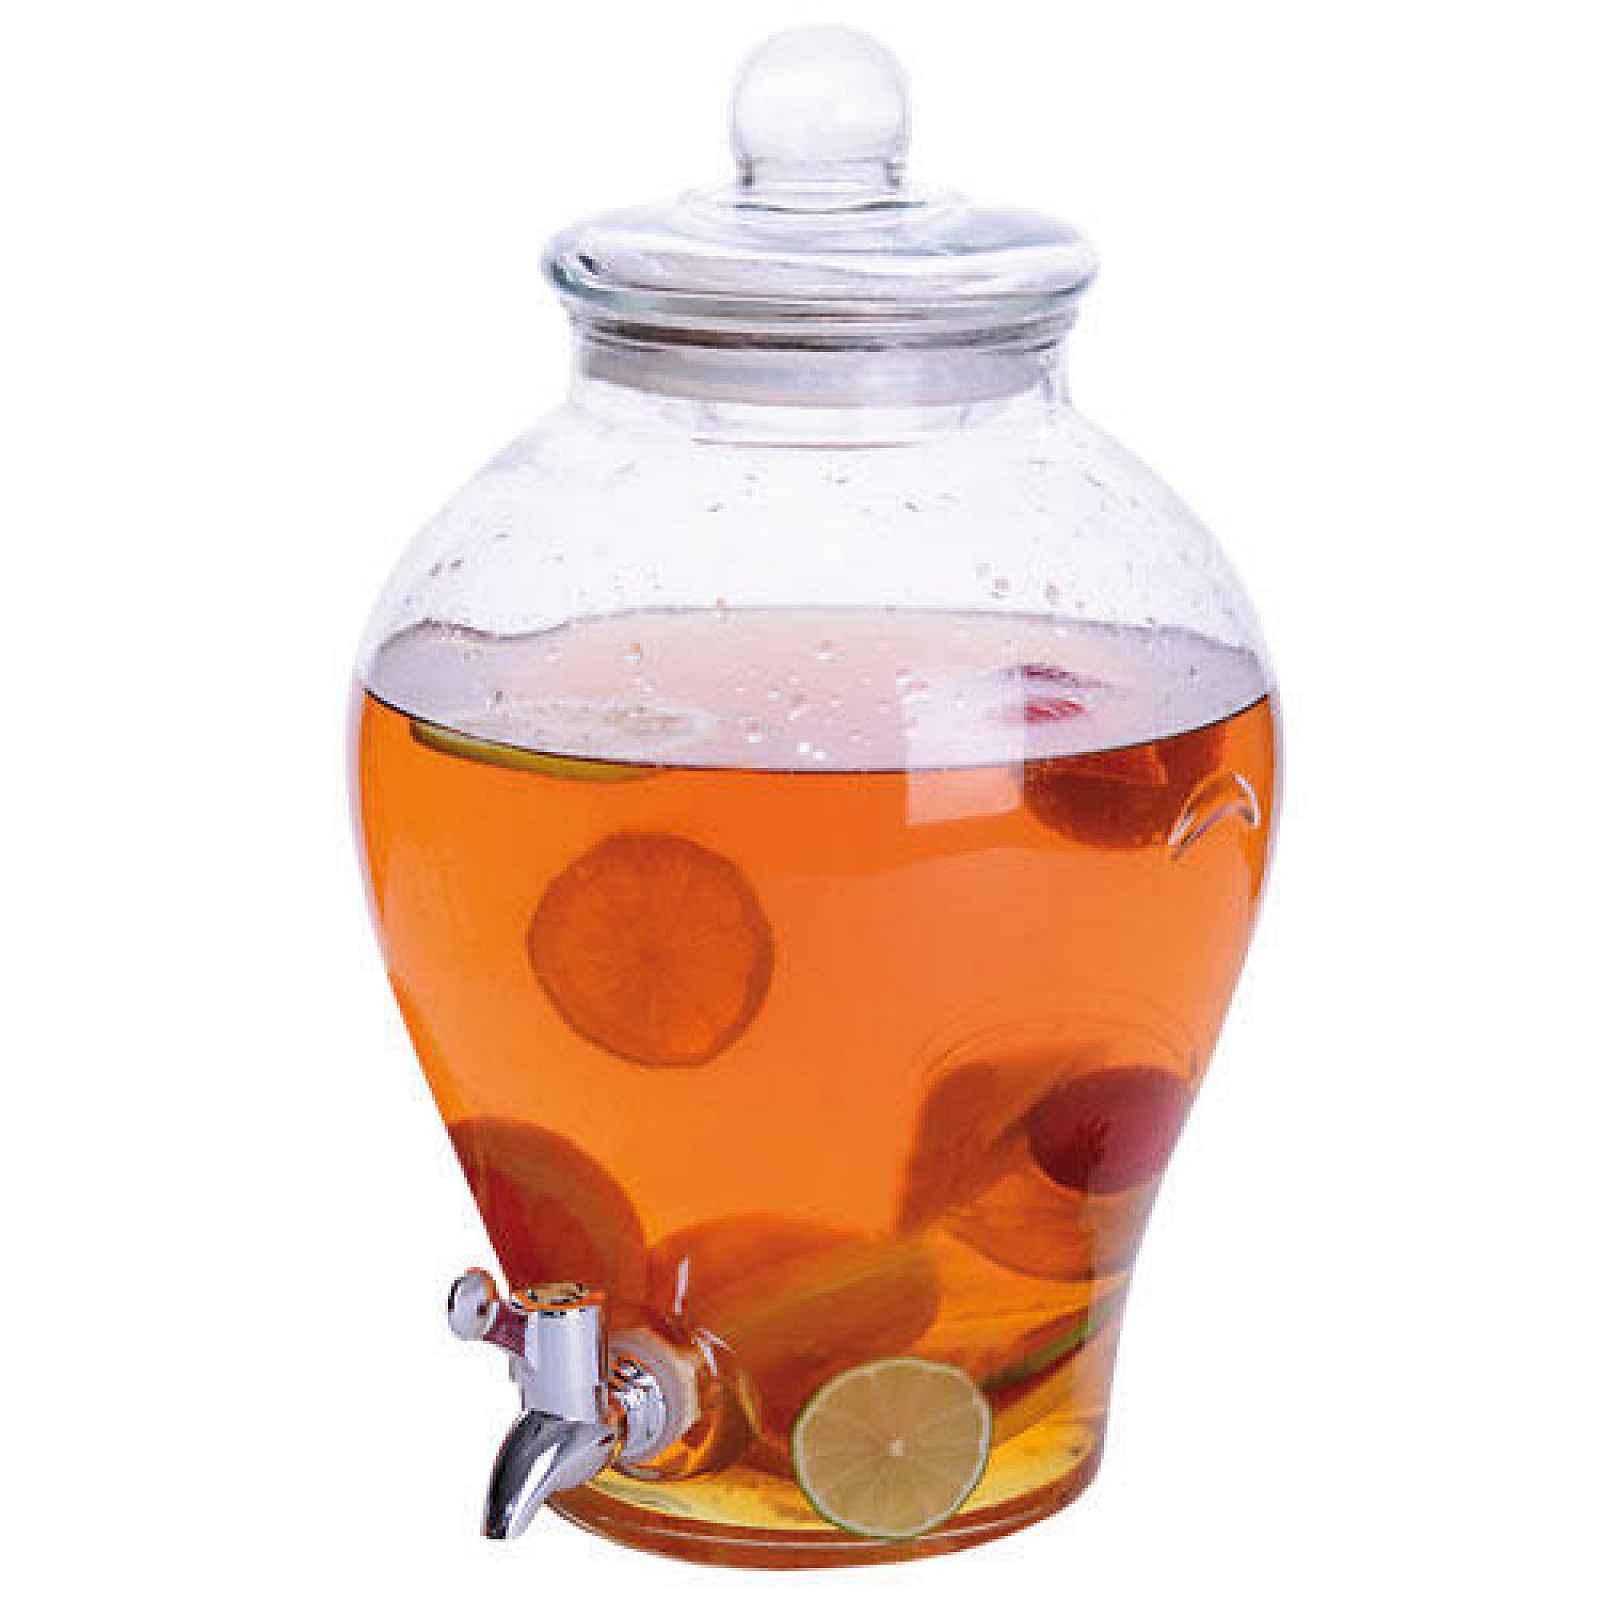 Orion Skleněná láhev s kohoutkem Apple 6,5 l